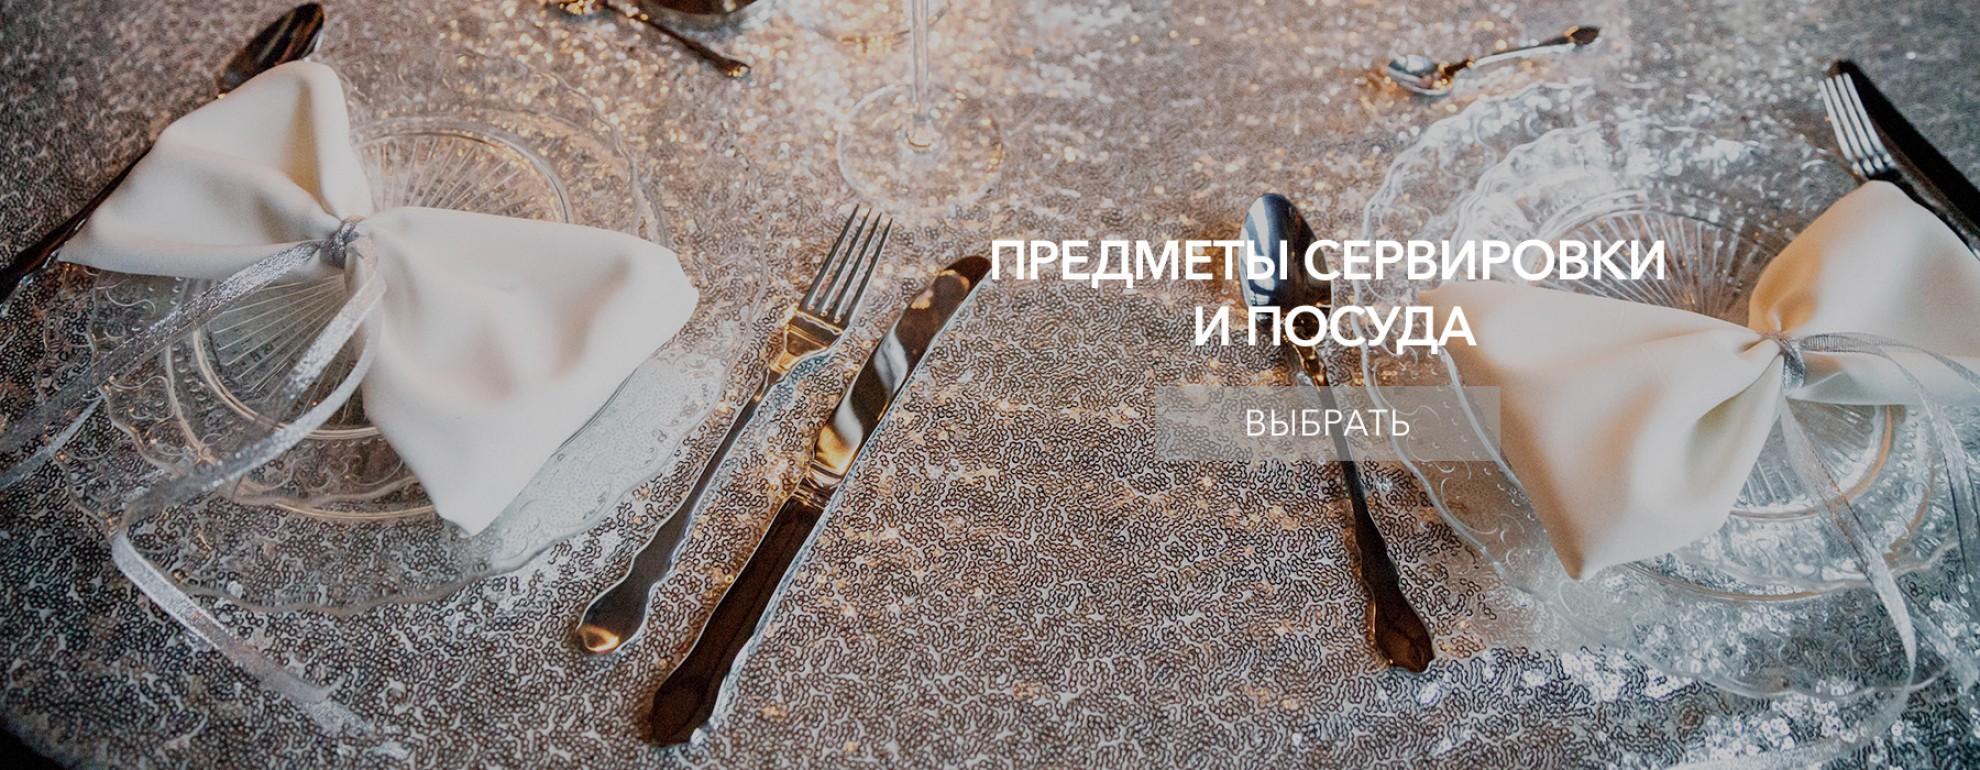 Предметы сервировки и посуда